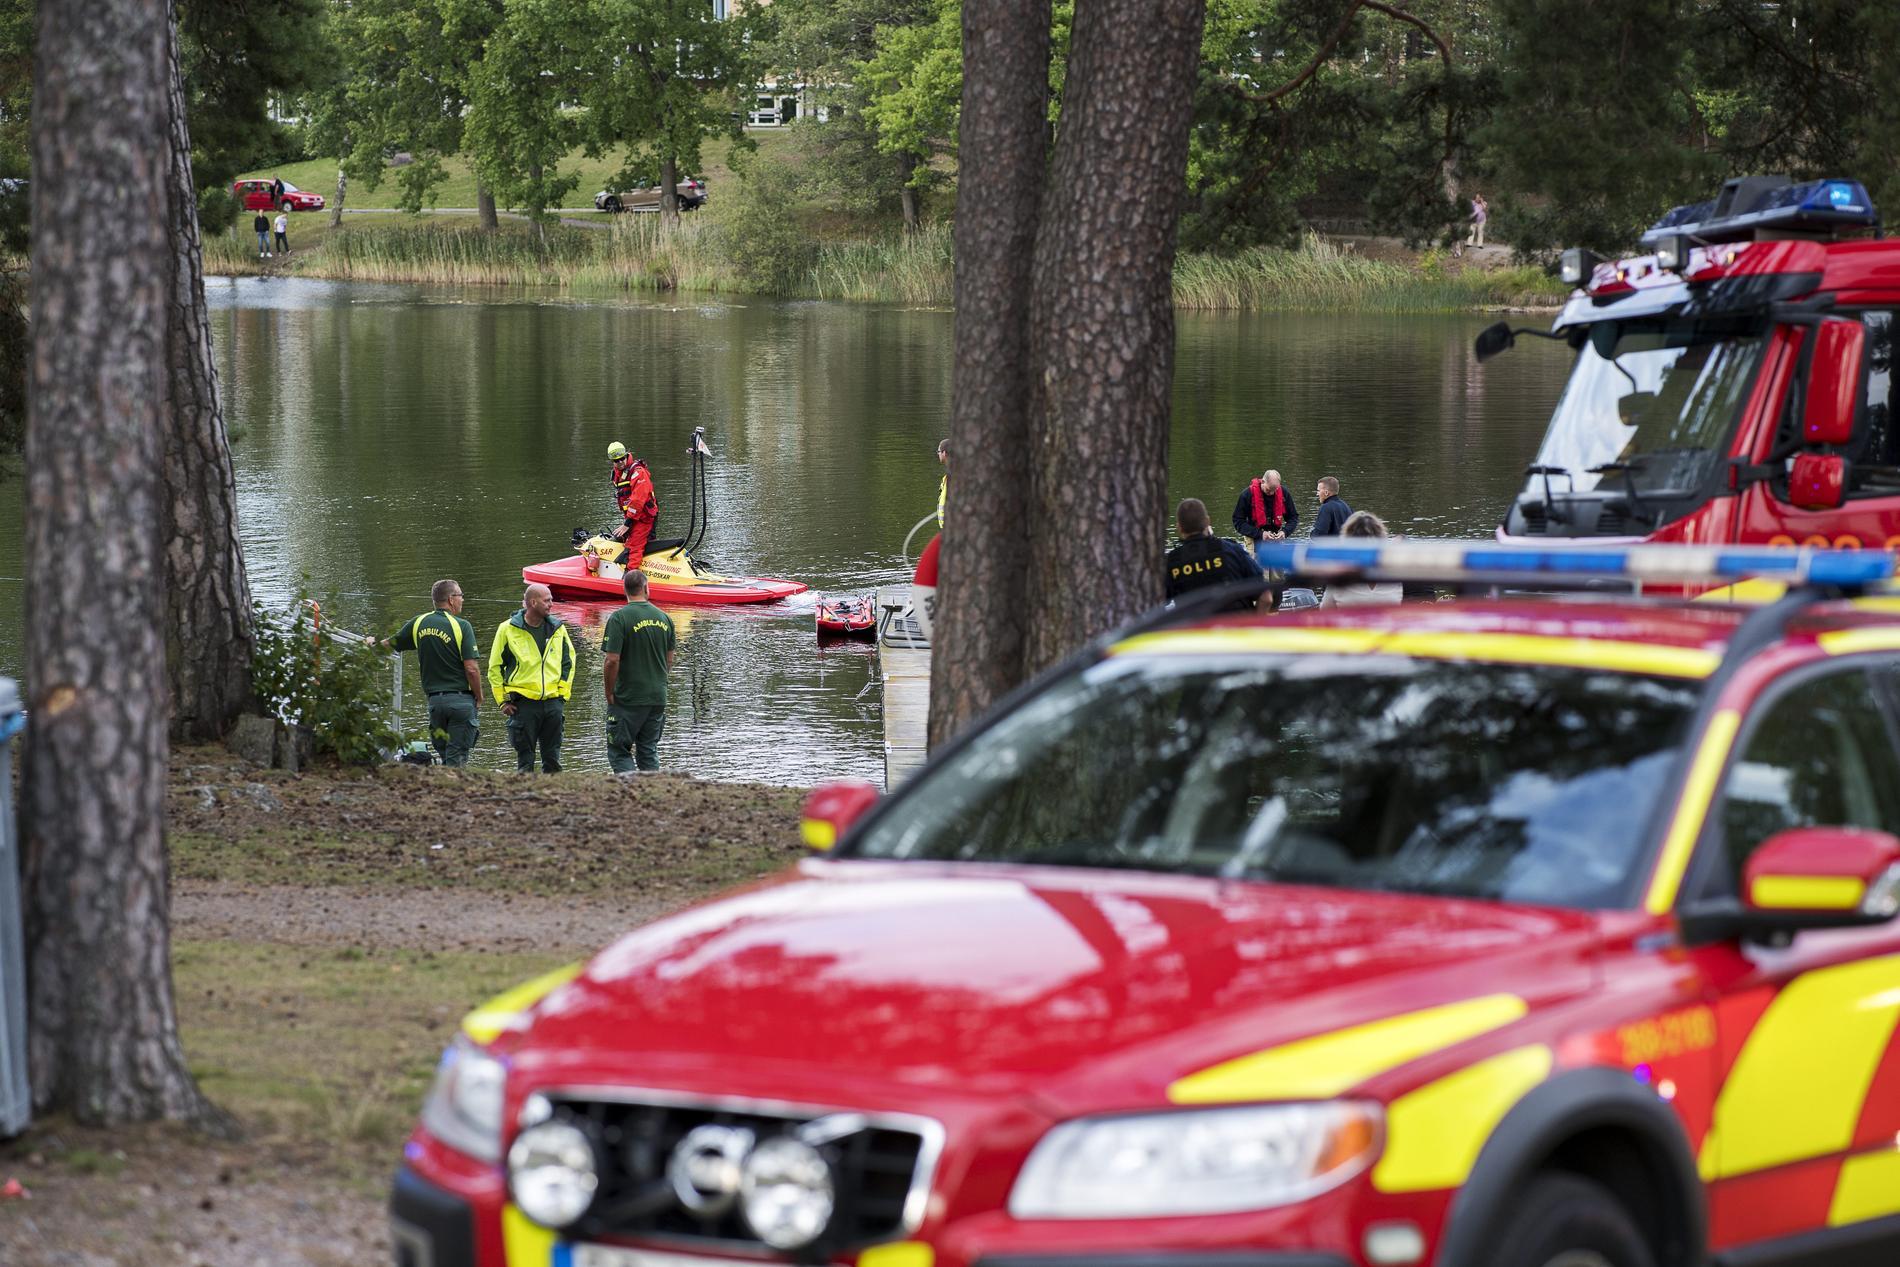 """""""Drunkning är en stor folkhälsoutmaning som inte löser sig själv"""", säger Mikael Olausson, områdesansvarig säkerhet på Svenska livräddningssällskapet."""